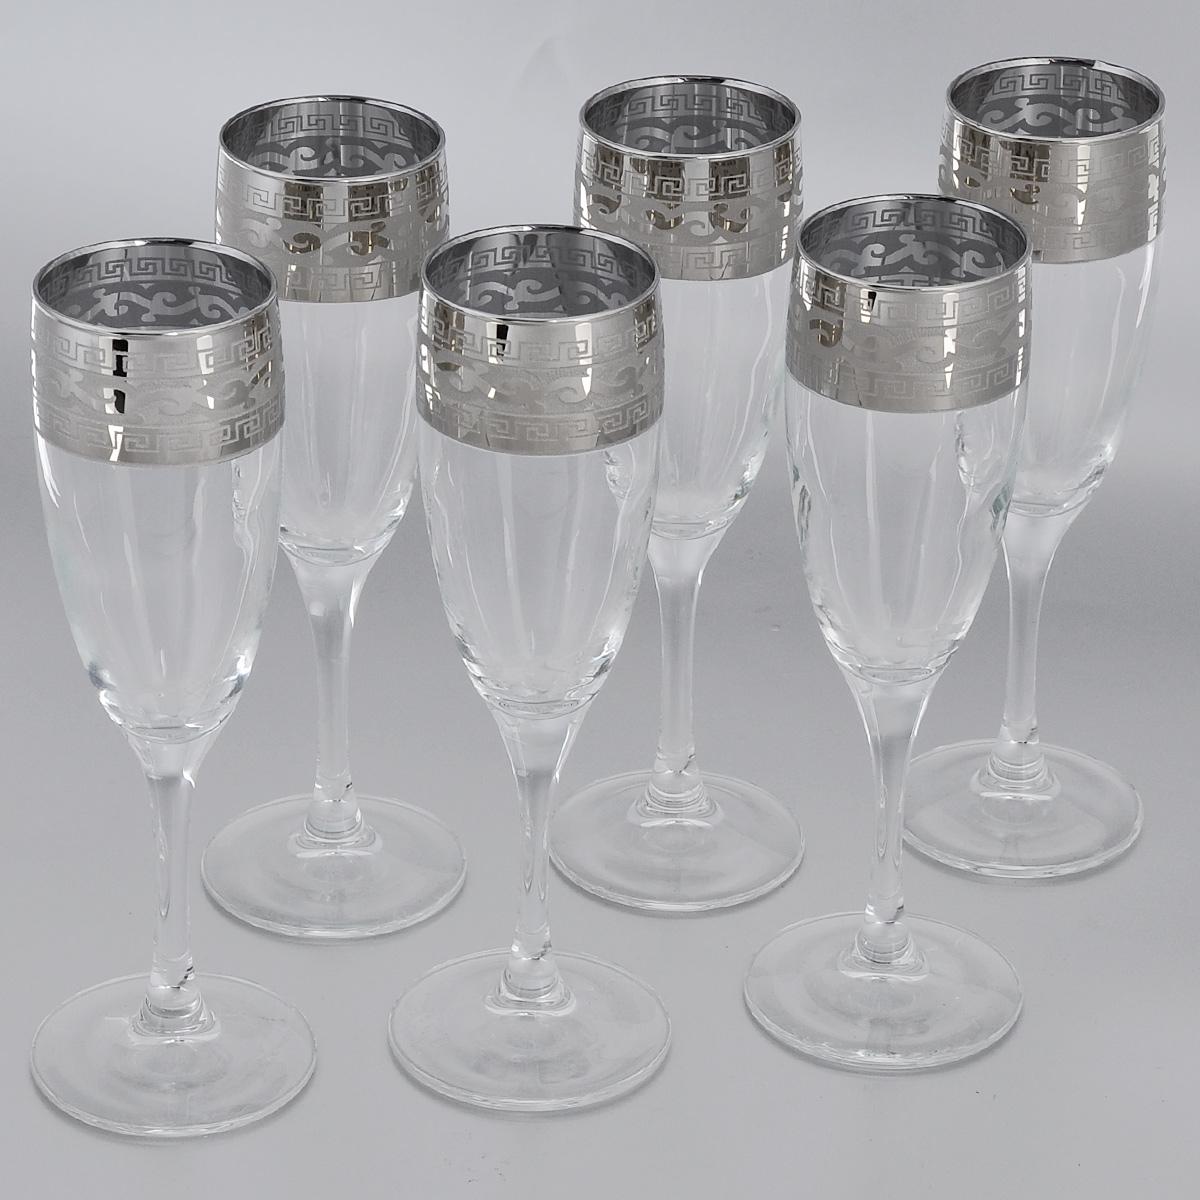 Набор бокалов Гусь-Хрустальный Версаче, 170 мл, 6 штGE08-1687Набор Гусь-Хрустальный Версаче состоит из 6 бокалов на длинных тонких ножках, изготовленных из высококачественного натрий-кальций-силикатного стекла. Изделия оформлены орнаментом. Бокалы предназначены для шампанского или вина. Такой набор прекрасно дополнит праздничный стол и станет желанным подарком в любом доме. Разрешается мыть в посудомоечной машине. Диаметр бокала (по верхнему краю): 5 см. Высота бокала: 20 см.